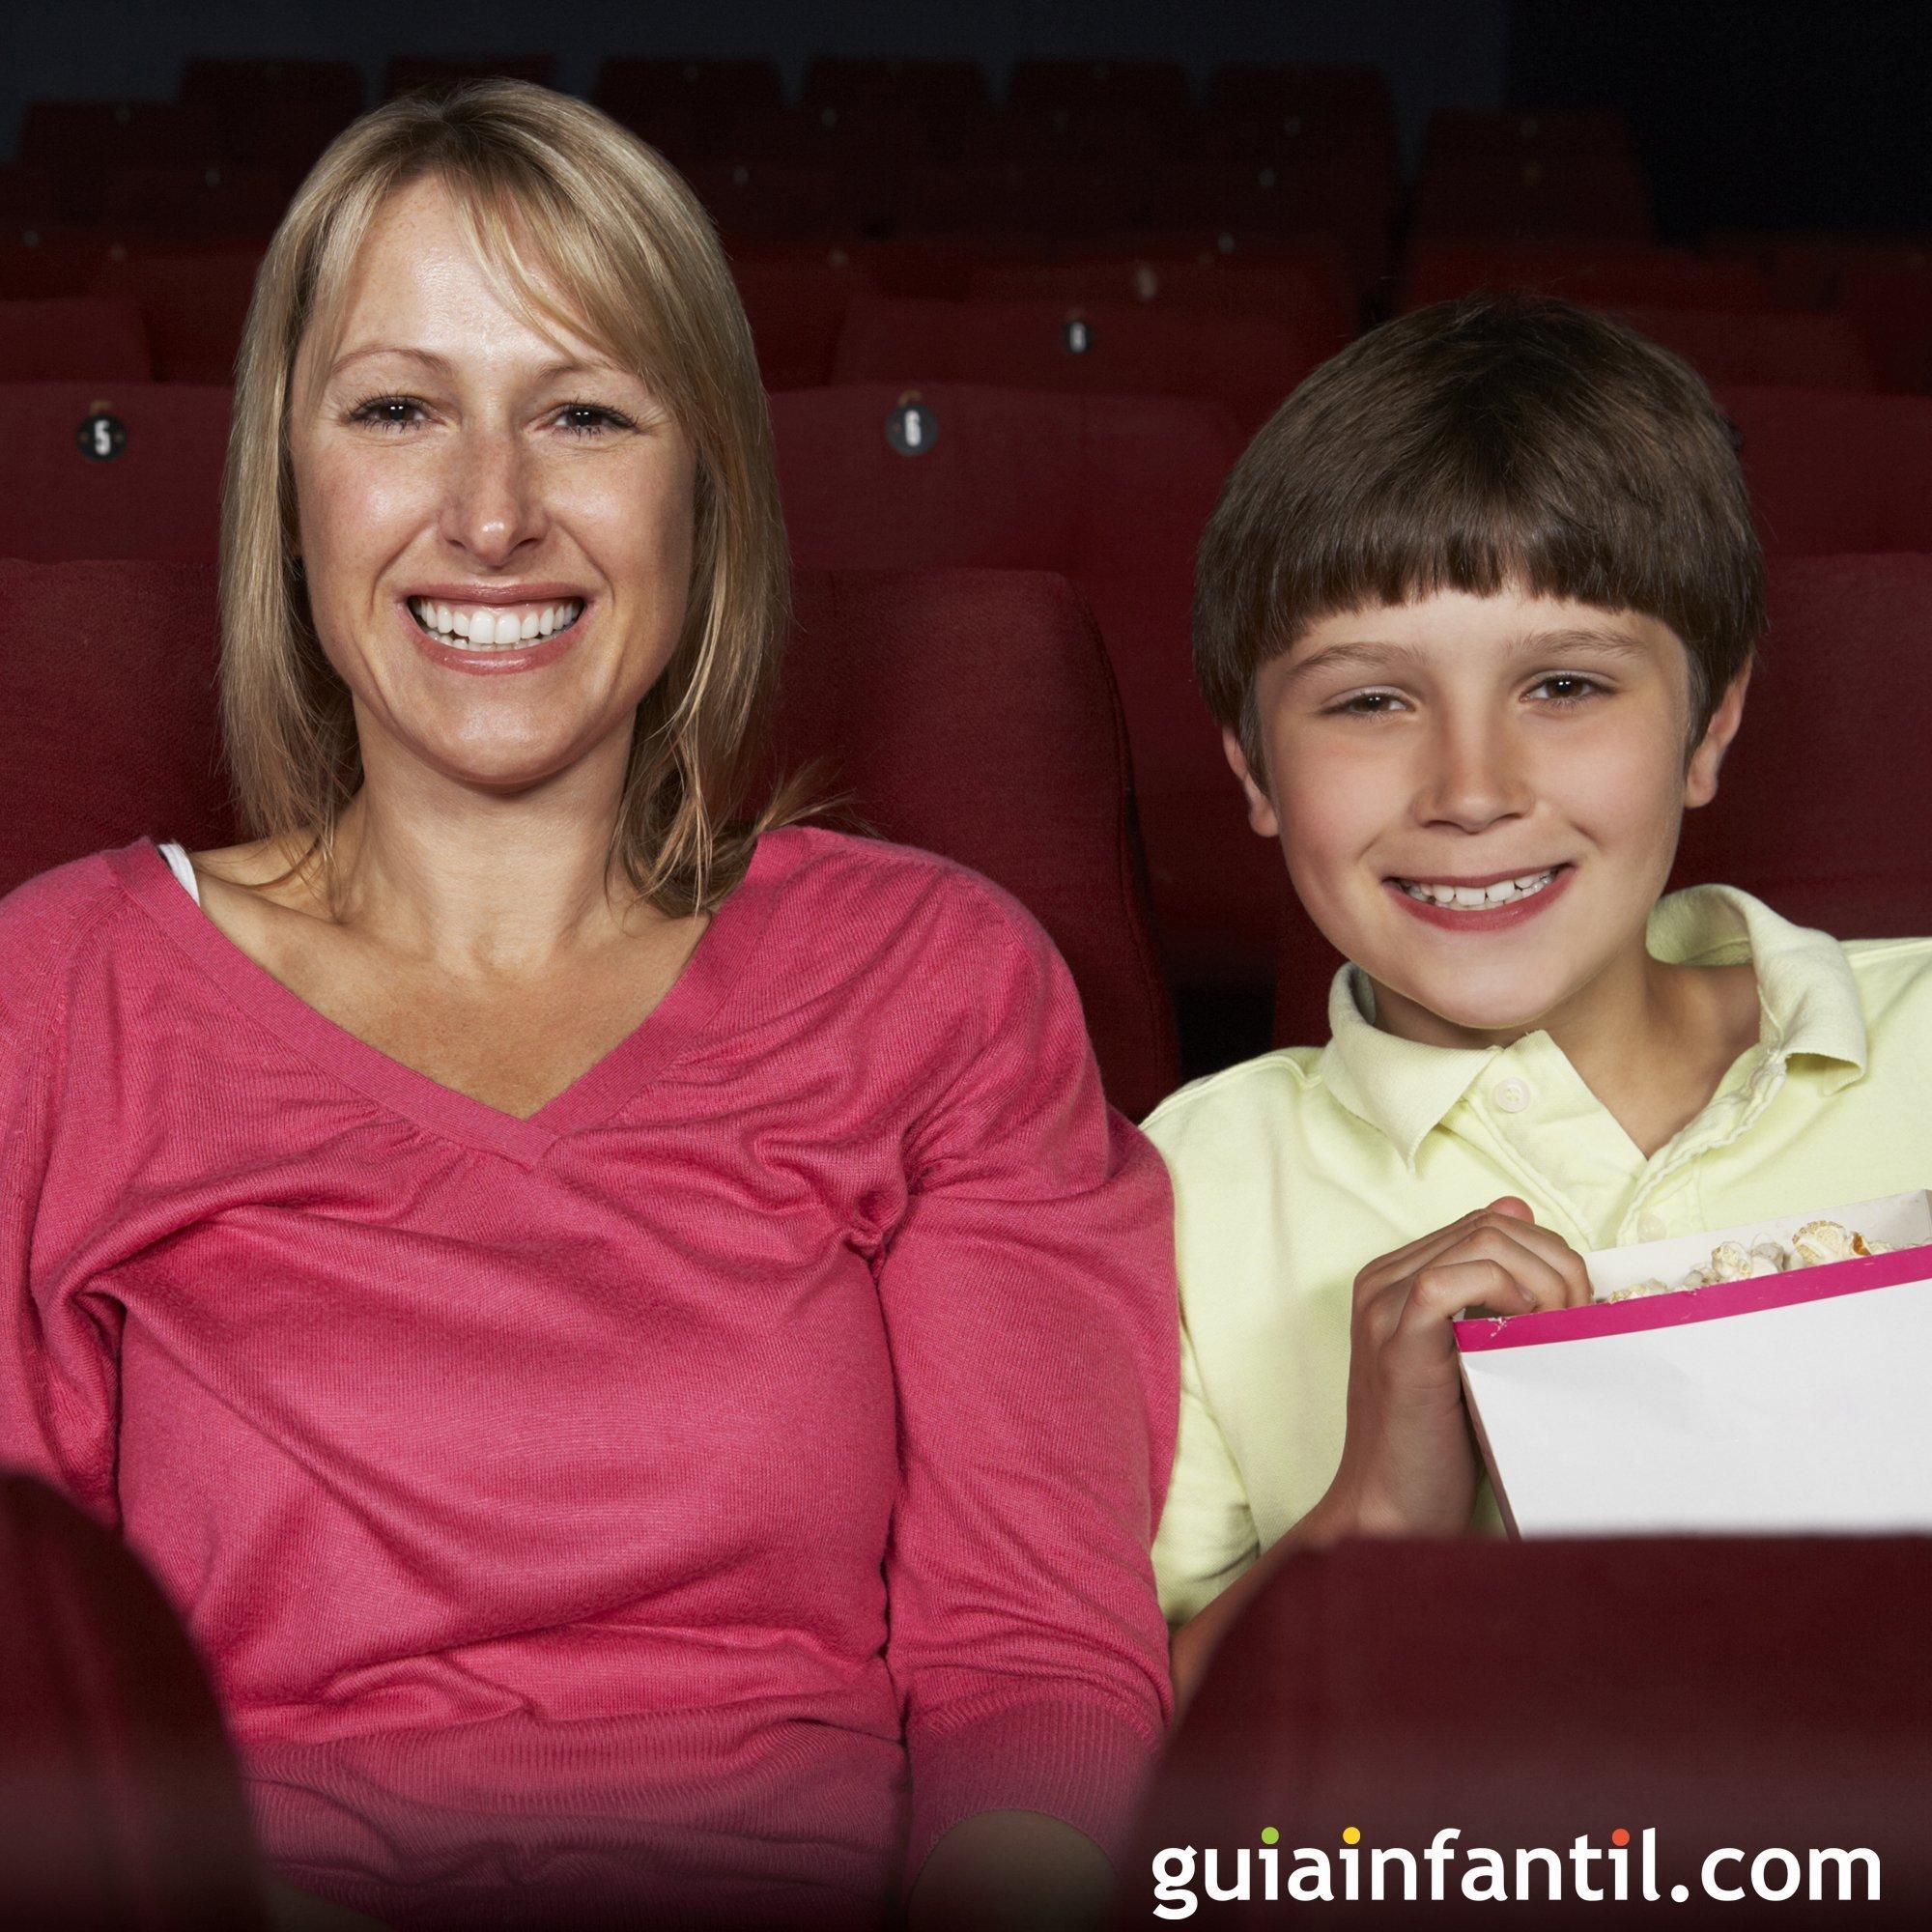 Llevar a tus hijos al cine a ver una película infantil